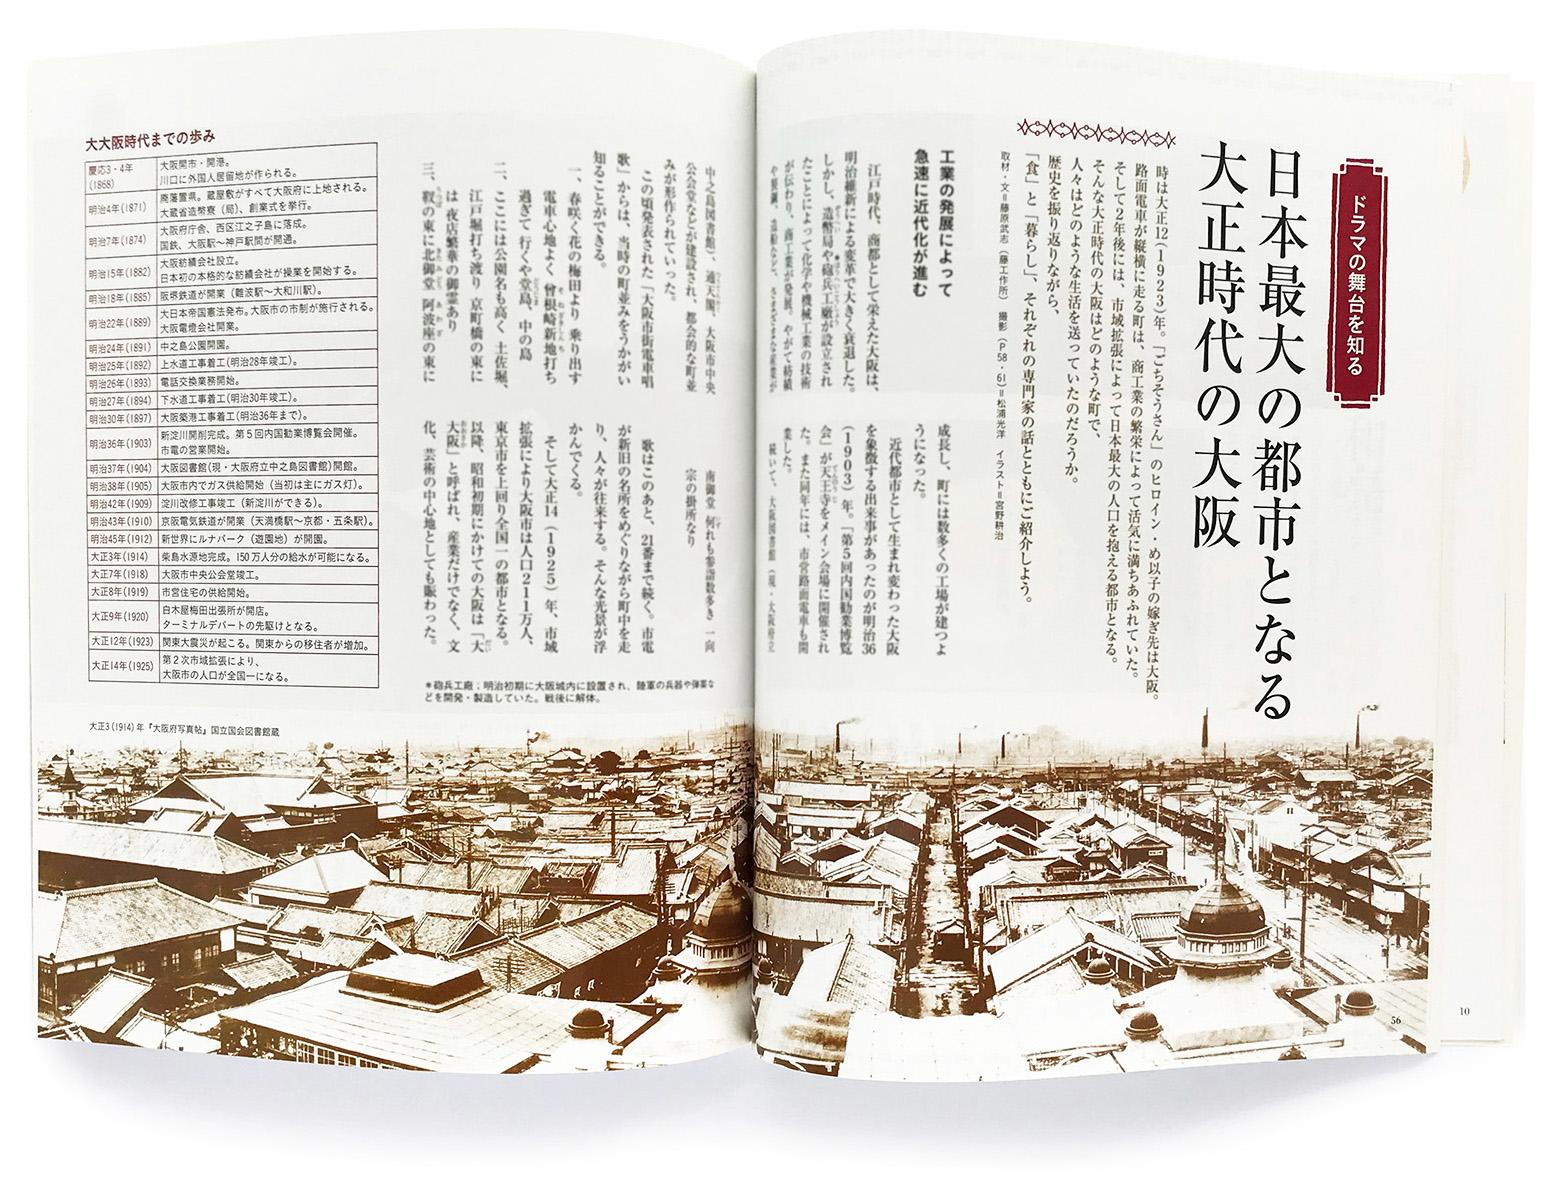 NHKドラマ・ガイド『連続テレビ小説 ごちそうさん』 1